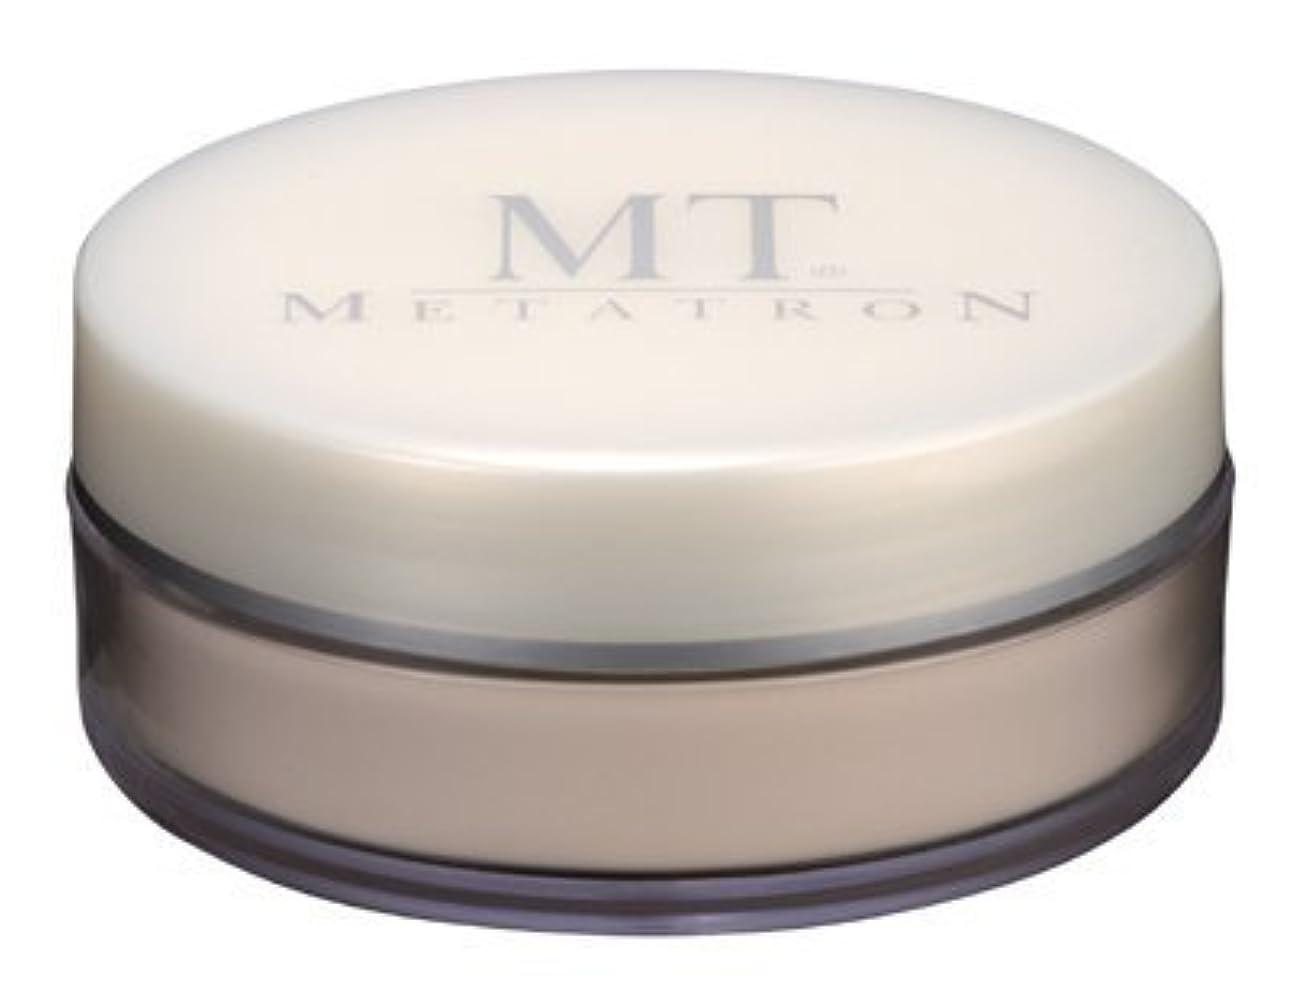 複雑な贅沢なるMTメタトロン プロテクトUVルースパウダー20g 【オークル】 SPF10